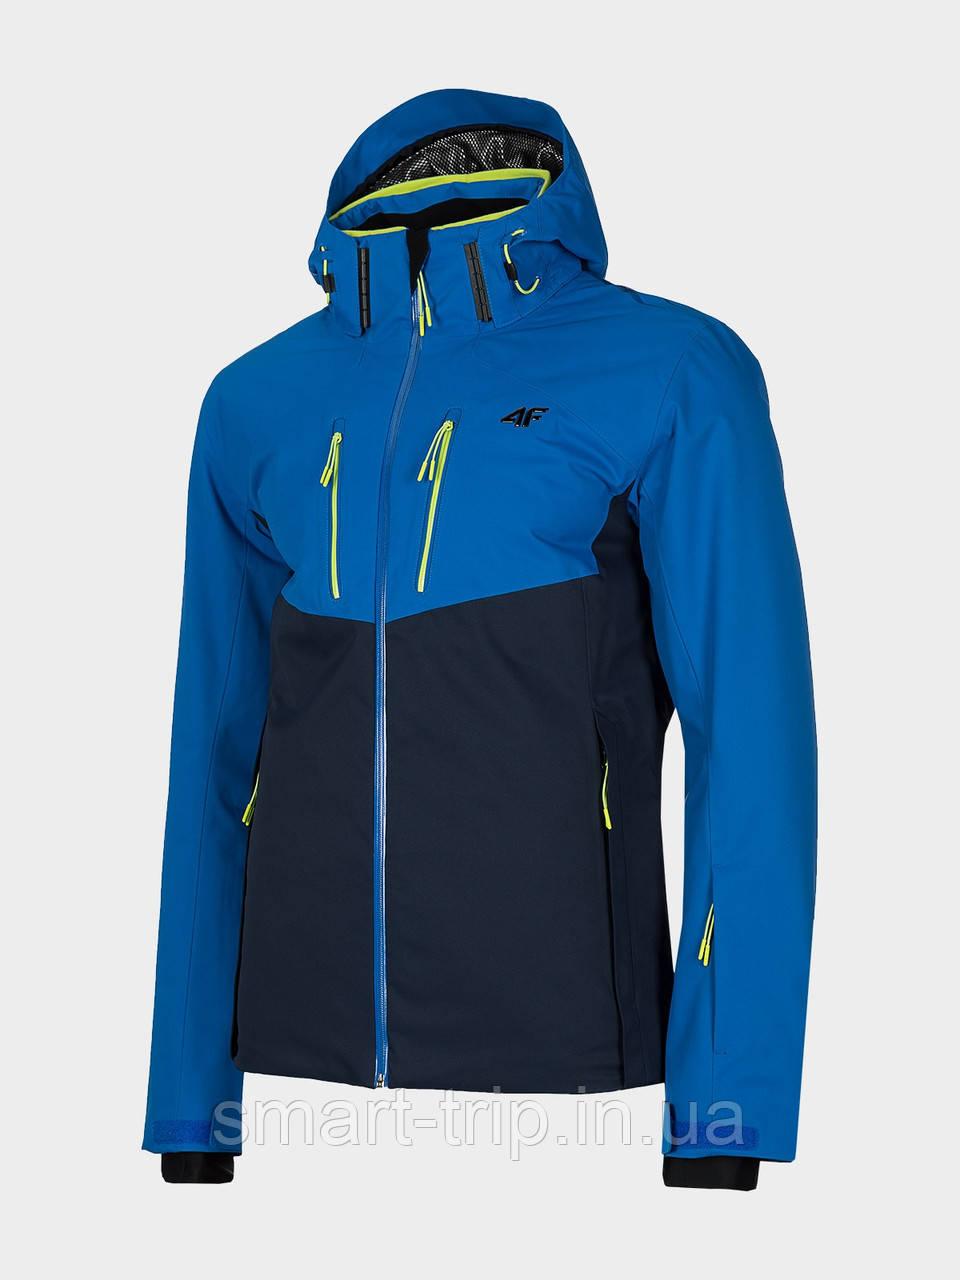 Мужская лыжная куртка 4F 2020 XL (H4Z19-KUMN011-33S)